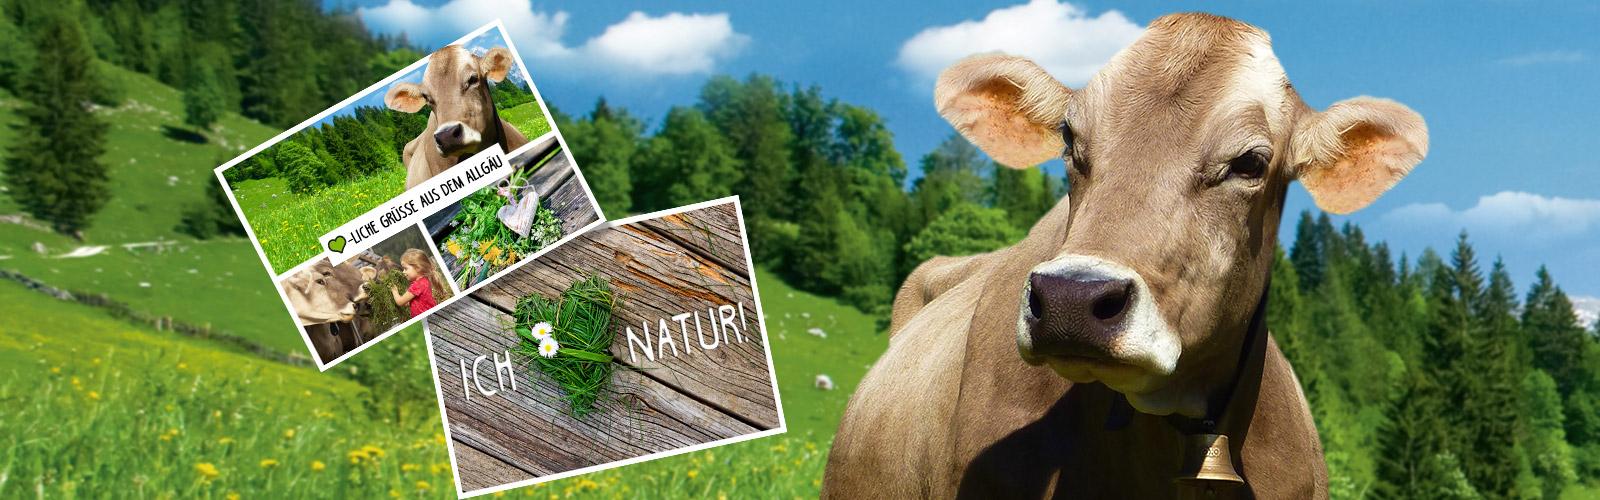 3€ Code für mypostcard um eine Gratis Postkarte zu versenden (Milkana Aktion)